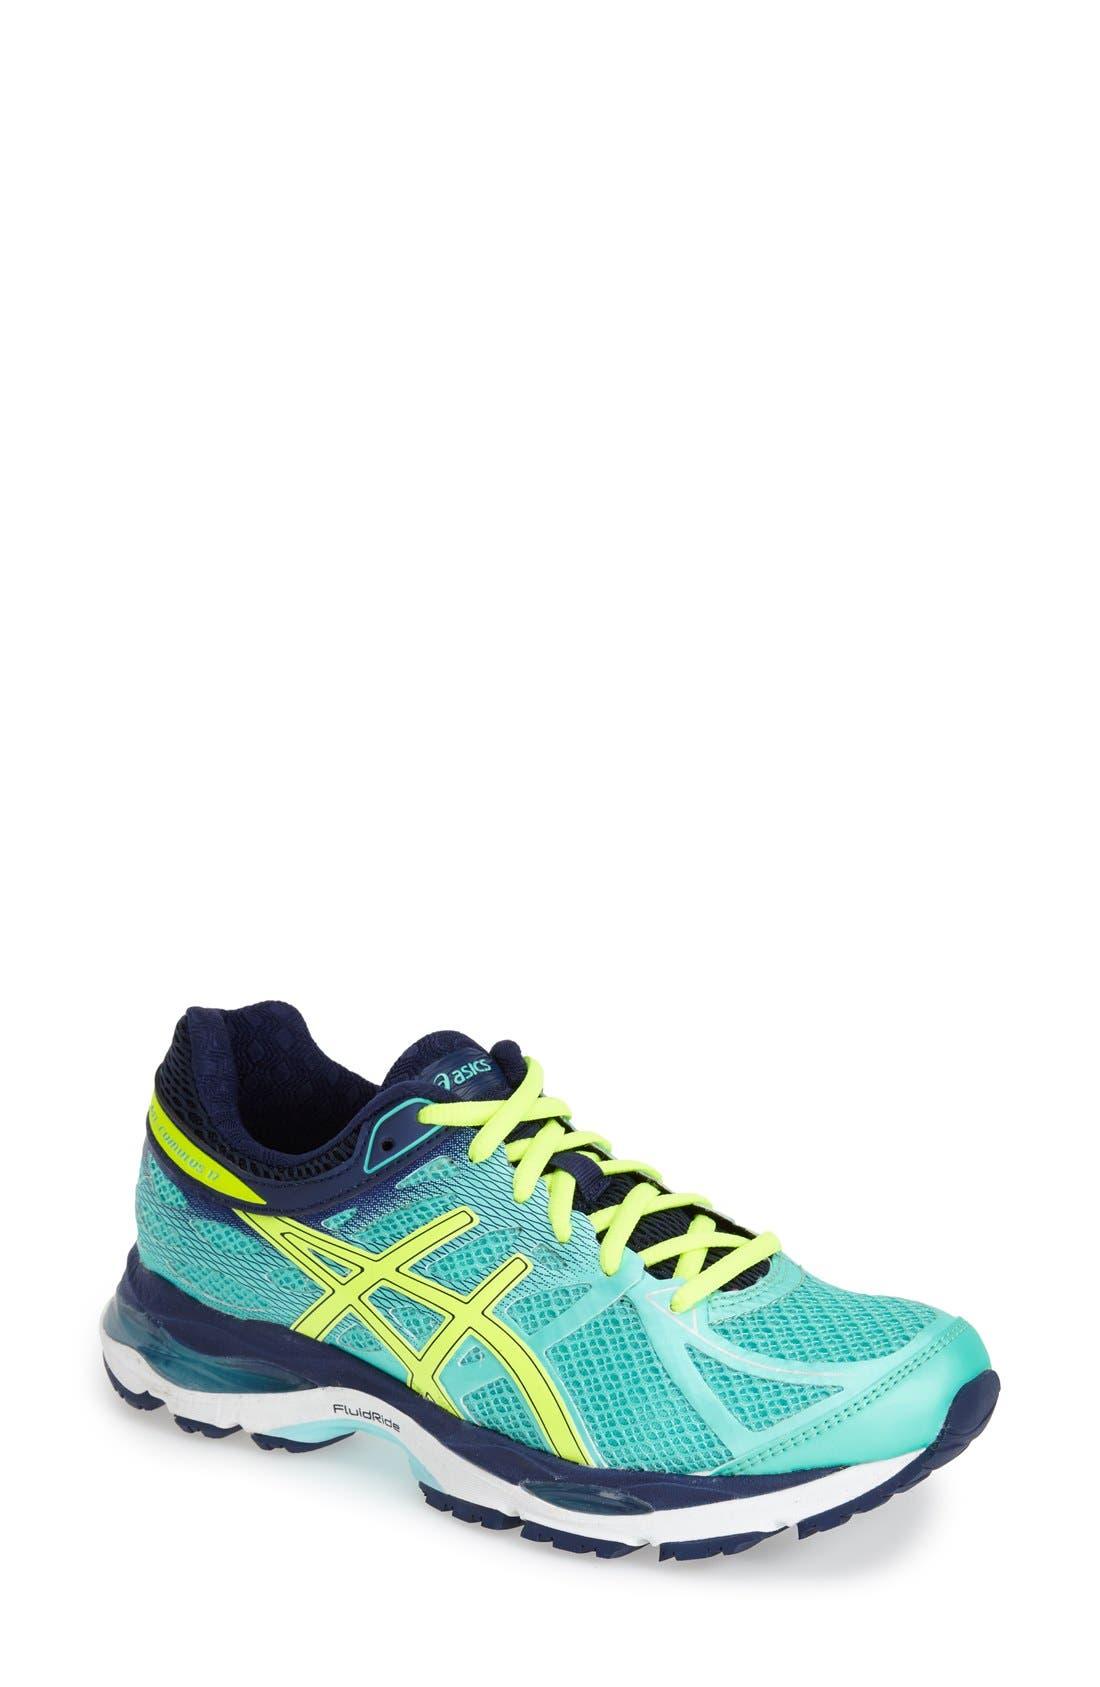 Main Image - ASICS® 'GEL-Cumulus® 17' Running Shoe (Women)